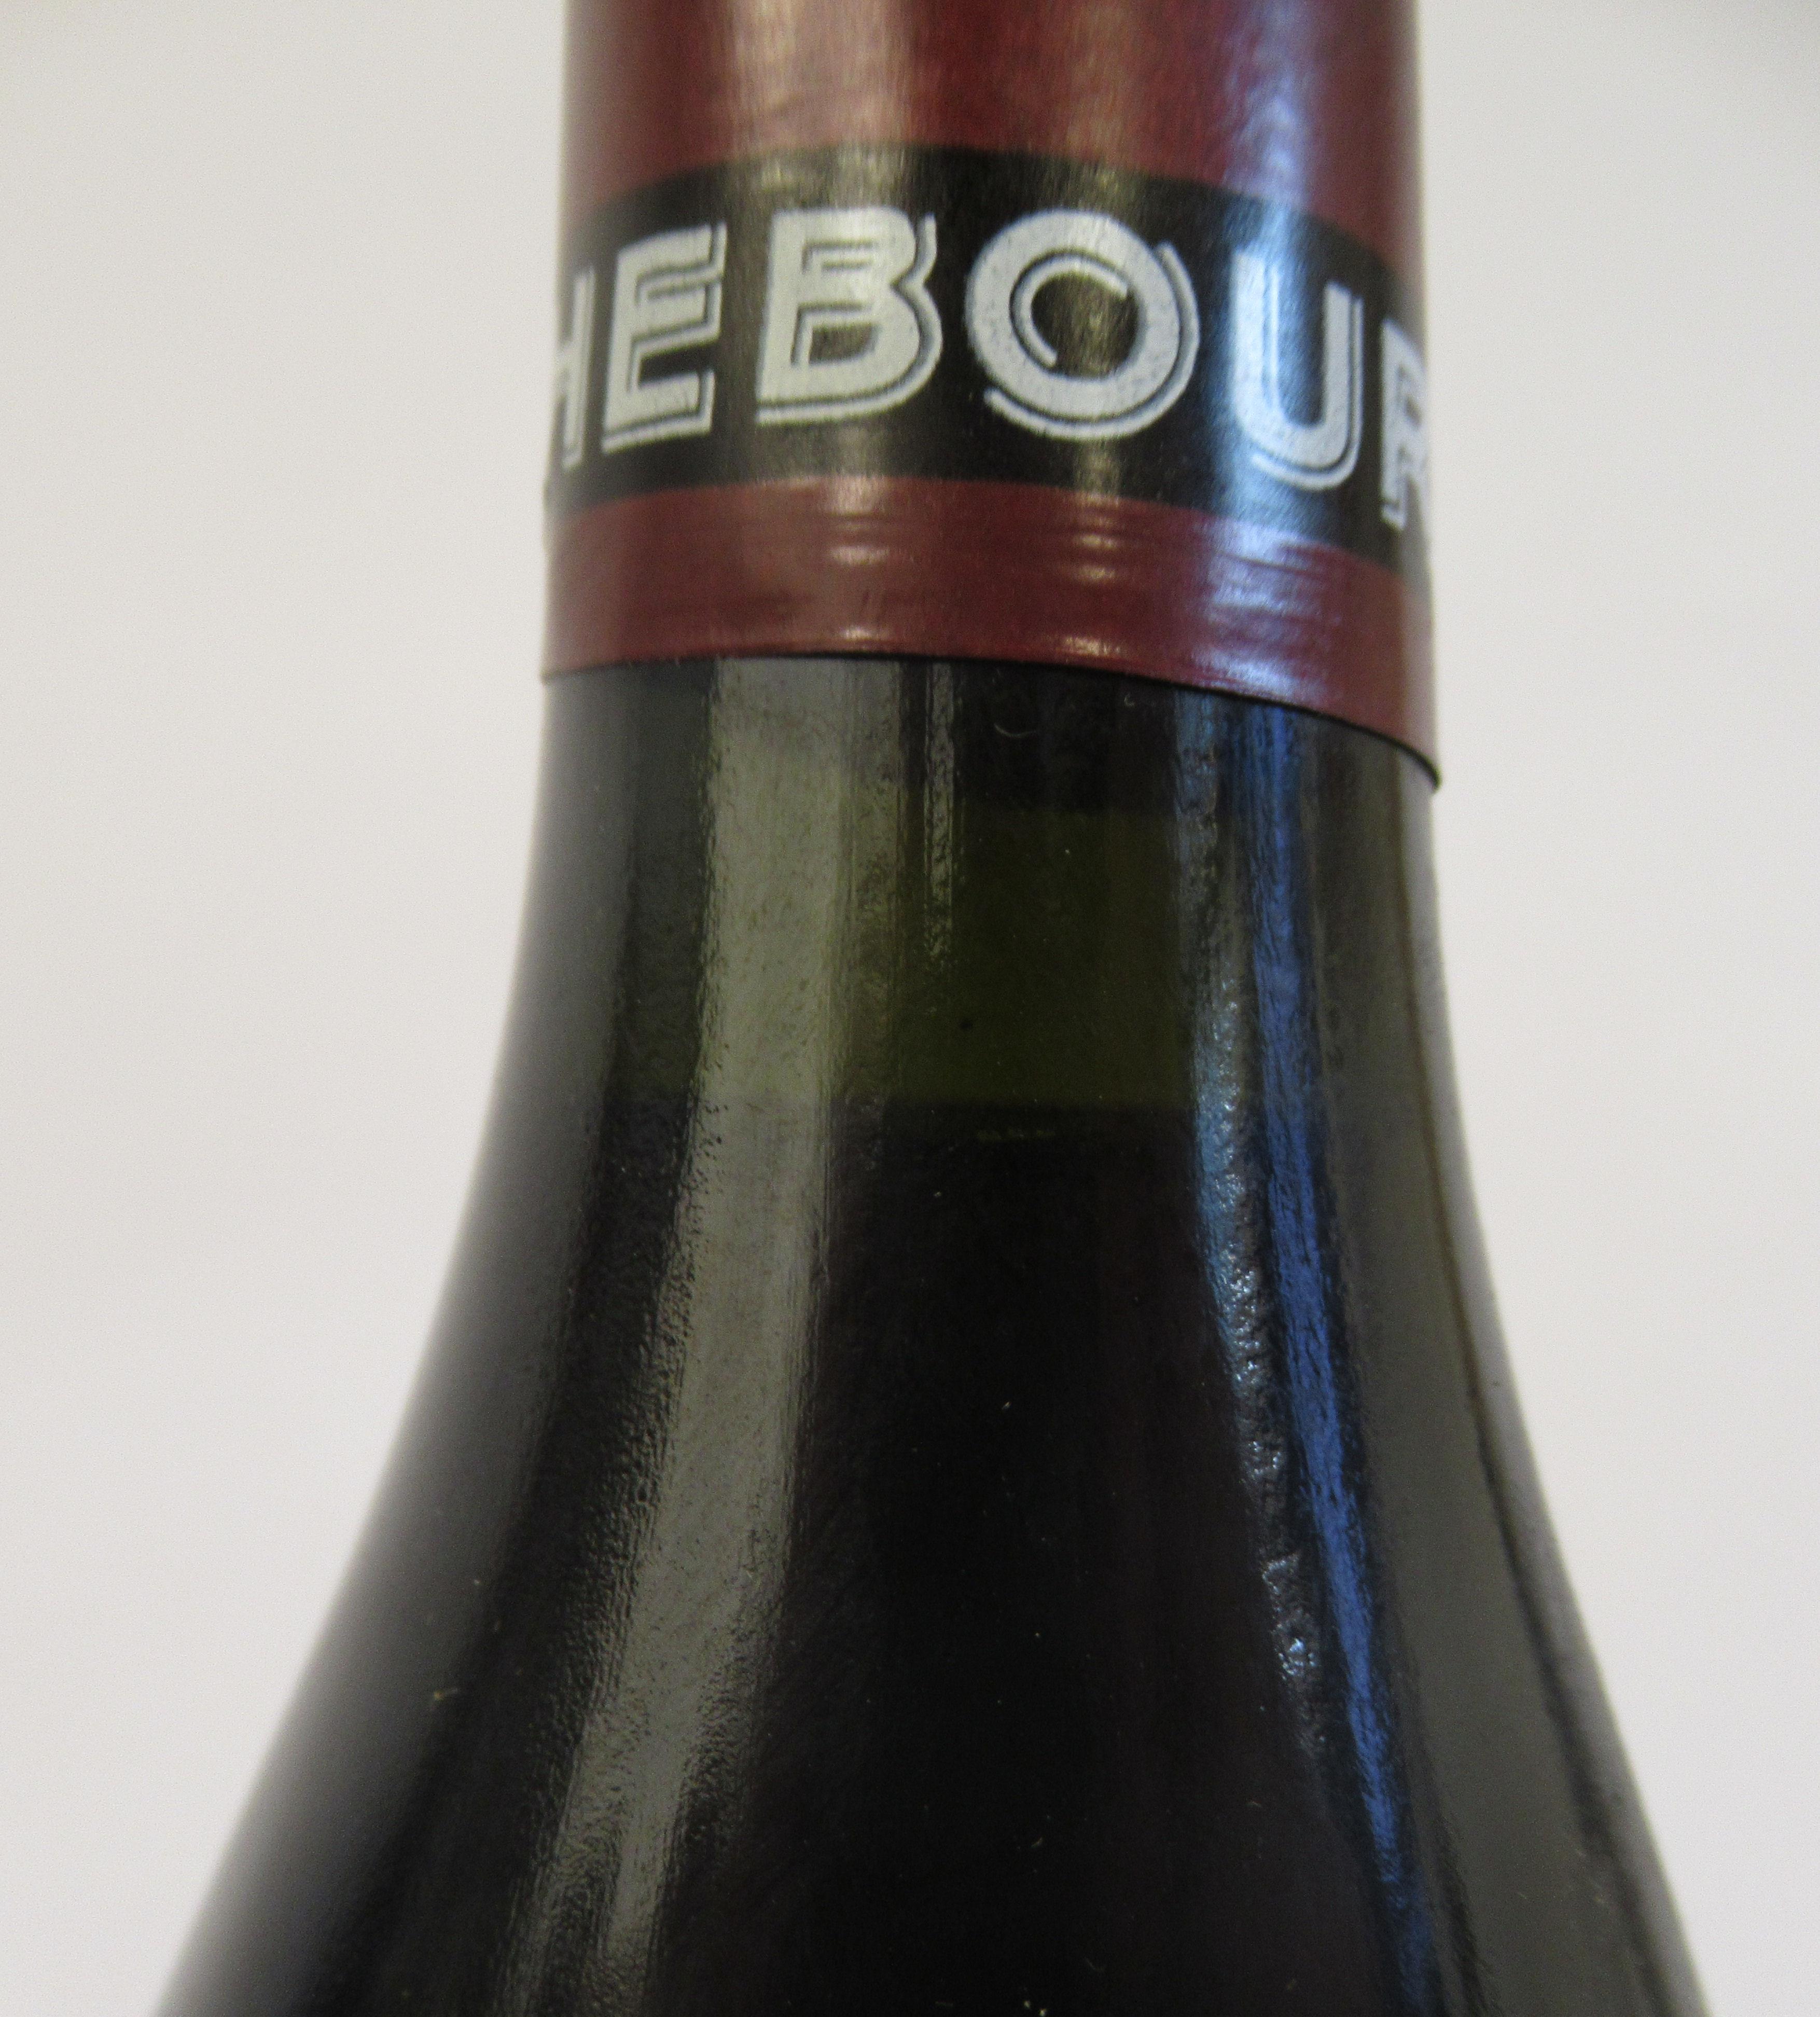 Wine, a bottle of 1996 Richebourg Domaine De La Romanee-Conti (bottle number 04822) - Image 2 of 3